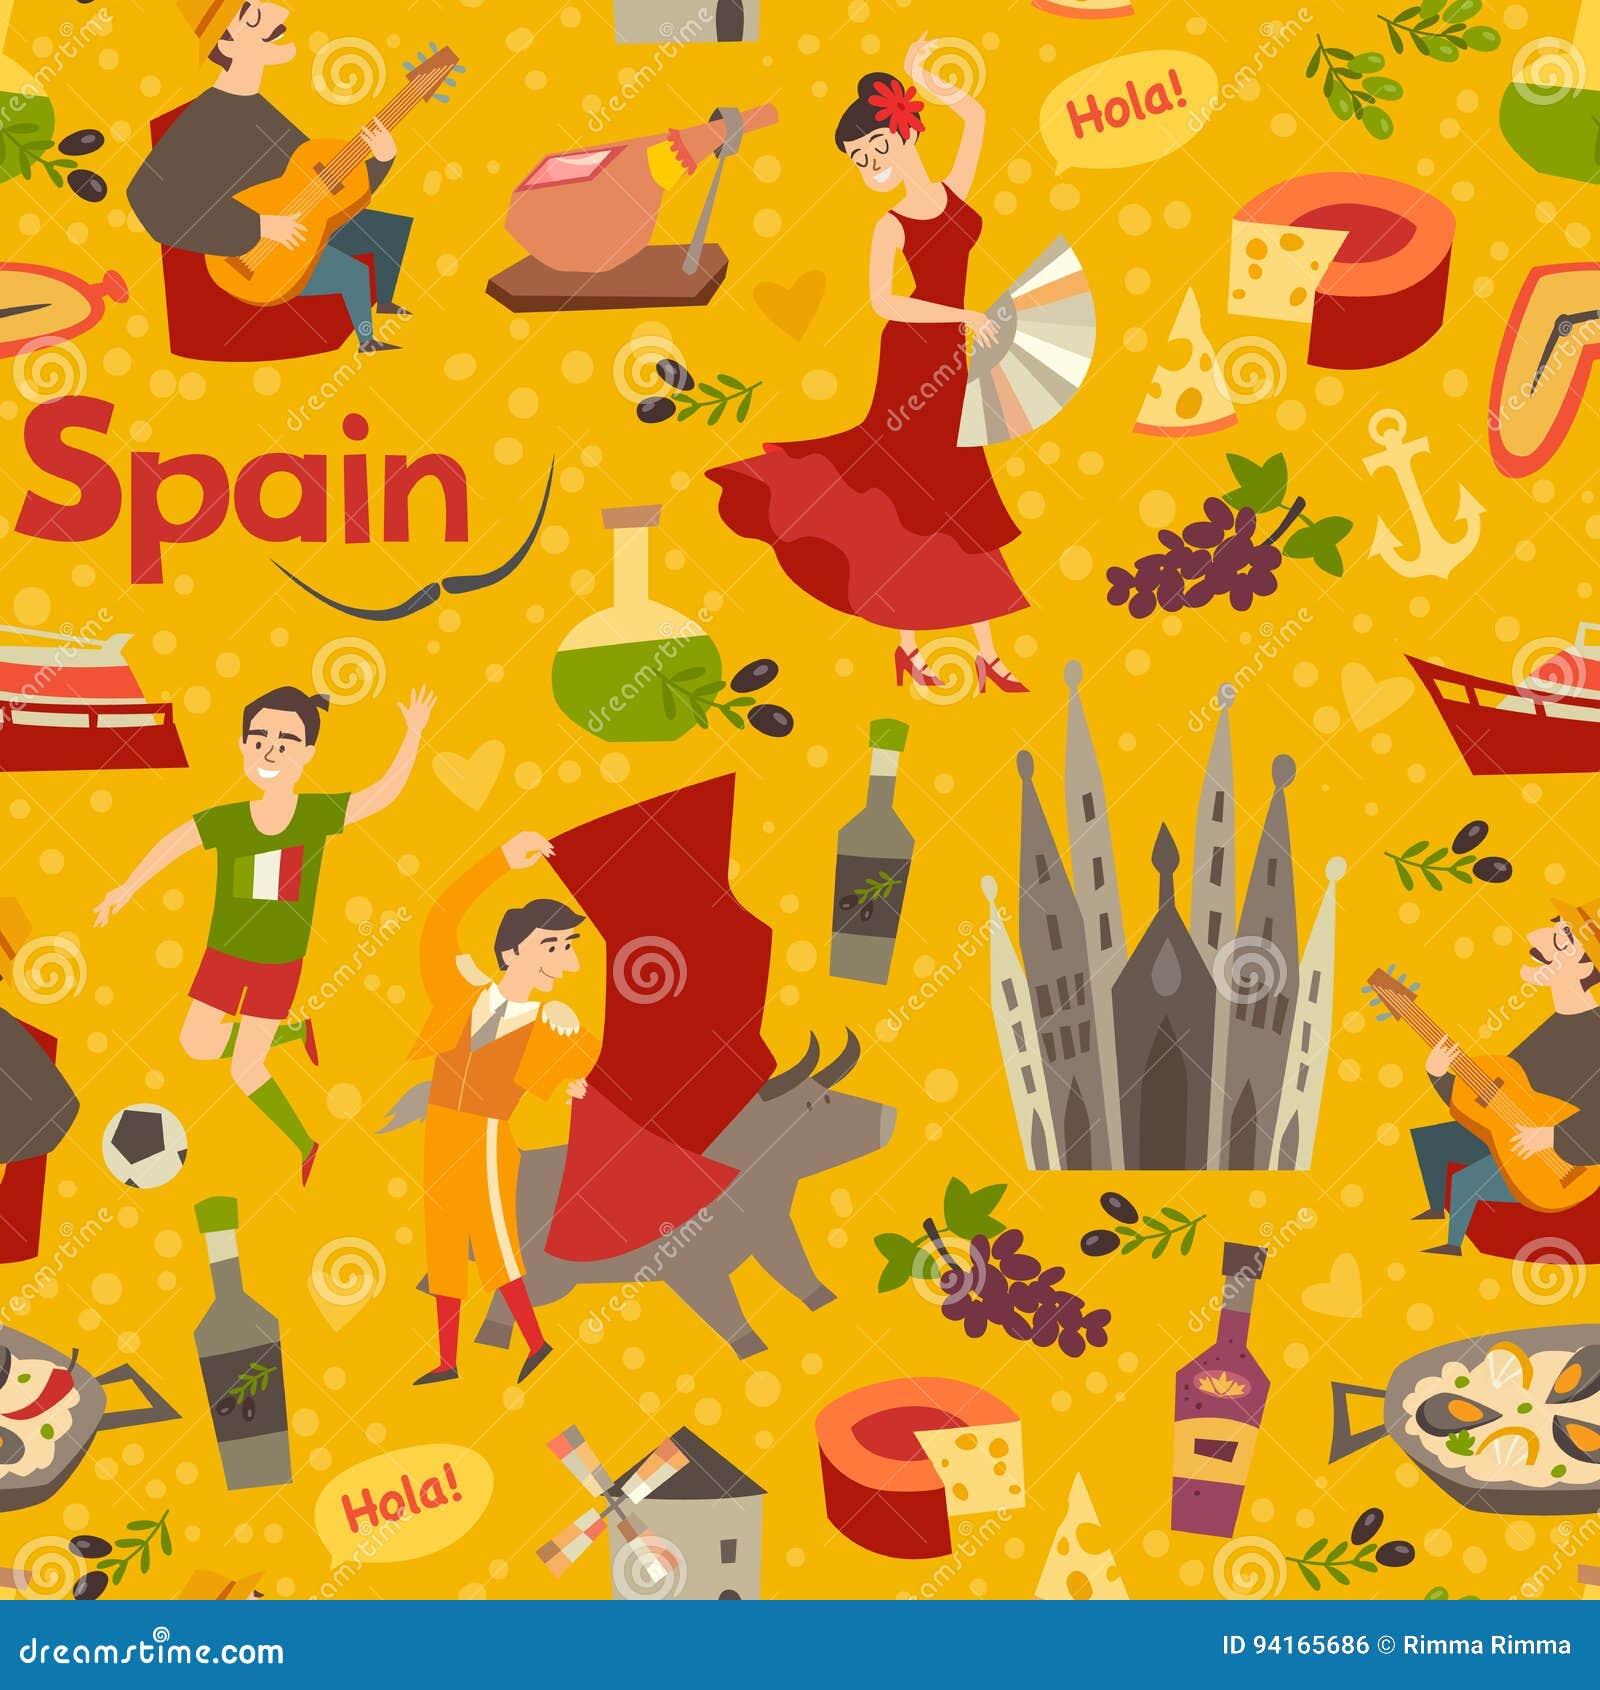 ... español del vector del modelo de la señal Contexto del drenaje de la mano con el icono de España Modelo inconsútil abstracto de la historieta Wallpaper ...